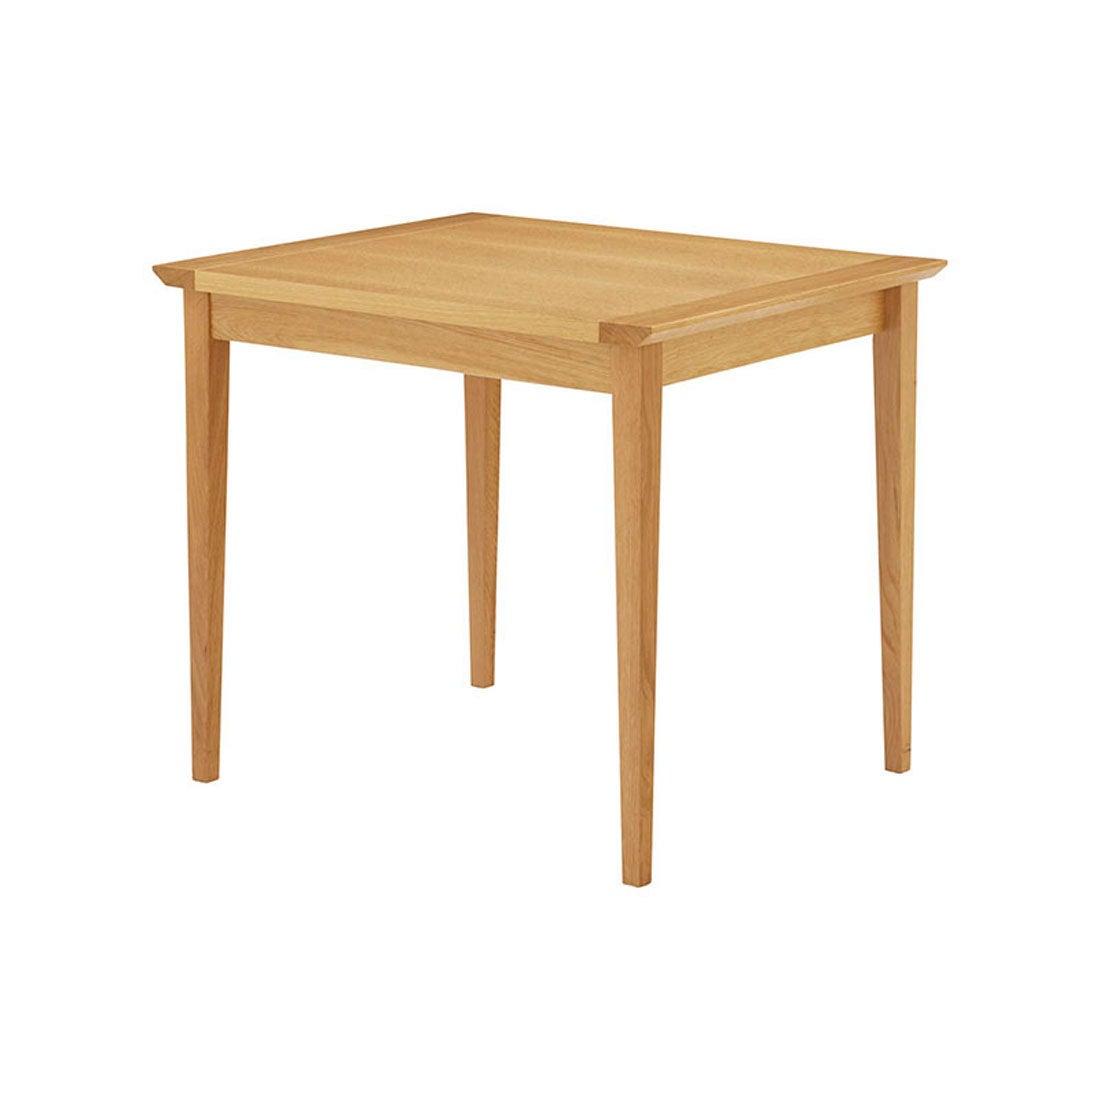 IDC OTSUKA/大塚家具 ダイニングテーブル(伸長式)OT オーク Sタイプ ホワイトオーク (ホワイトオーク)